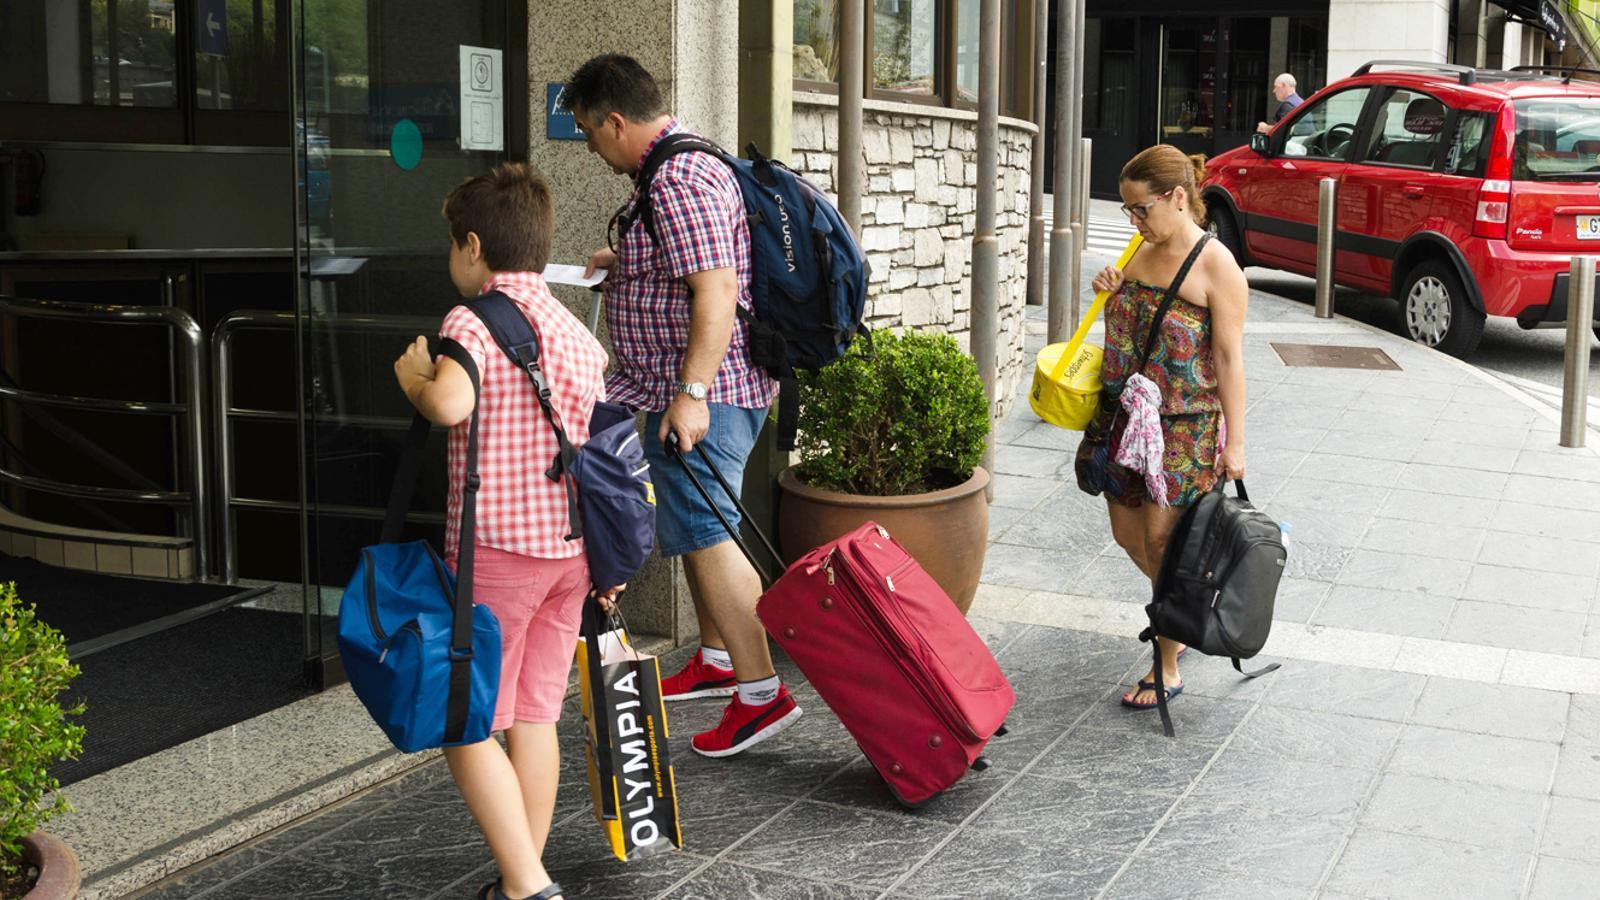 Turistes entrant en un hotel d'Escaldes-Engordany / D.R.